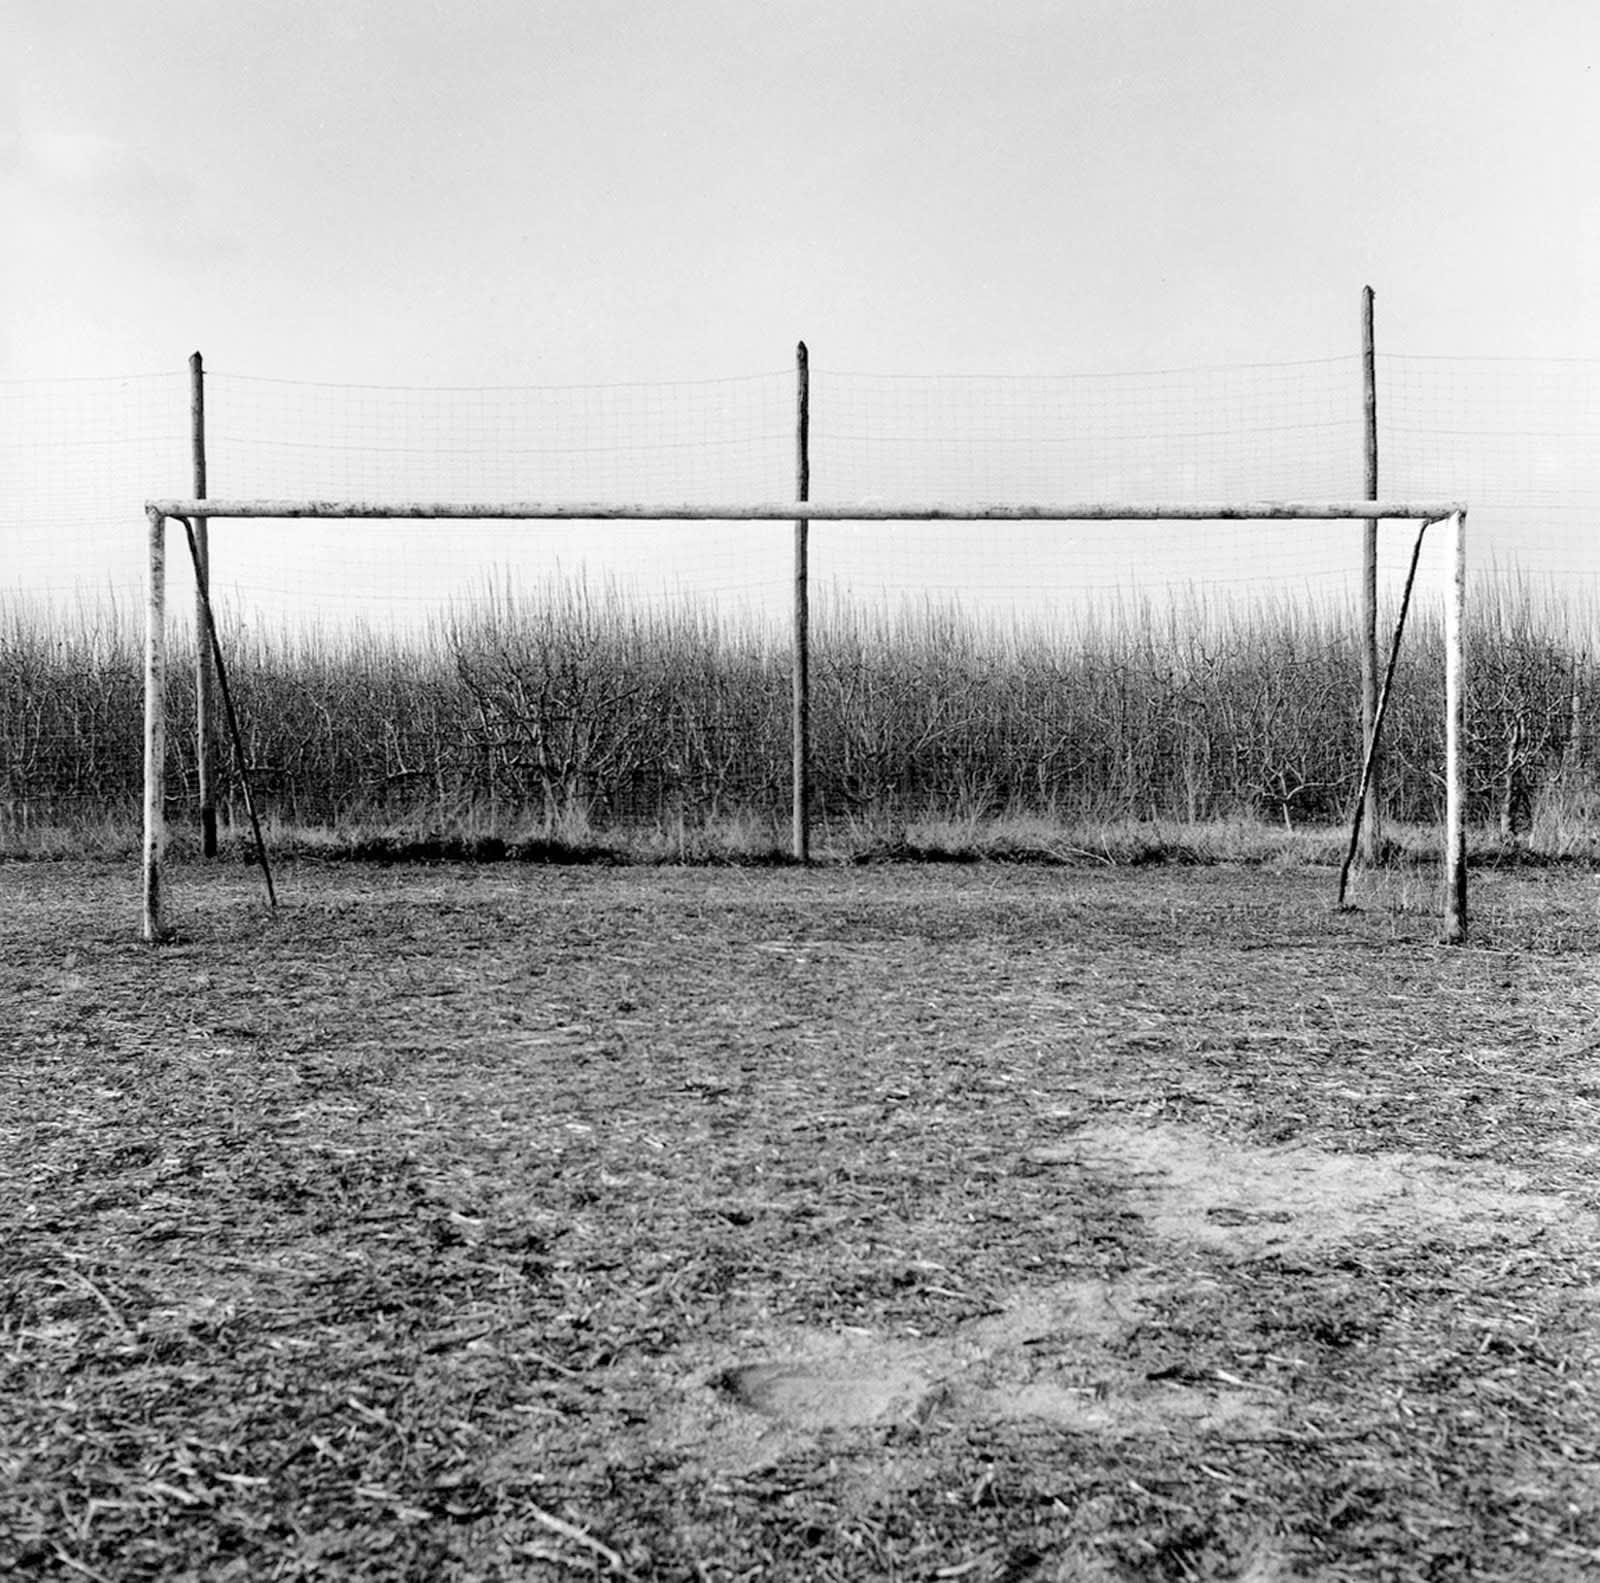 Pierre Schwartz, Candillargues #2, France, 1993